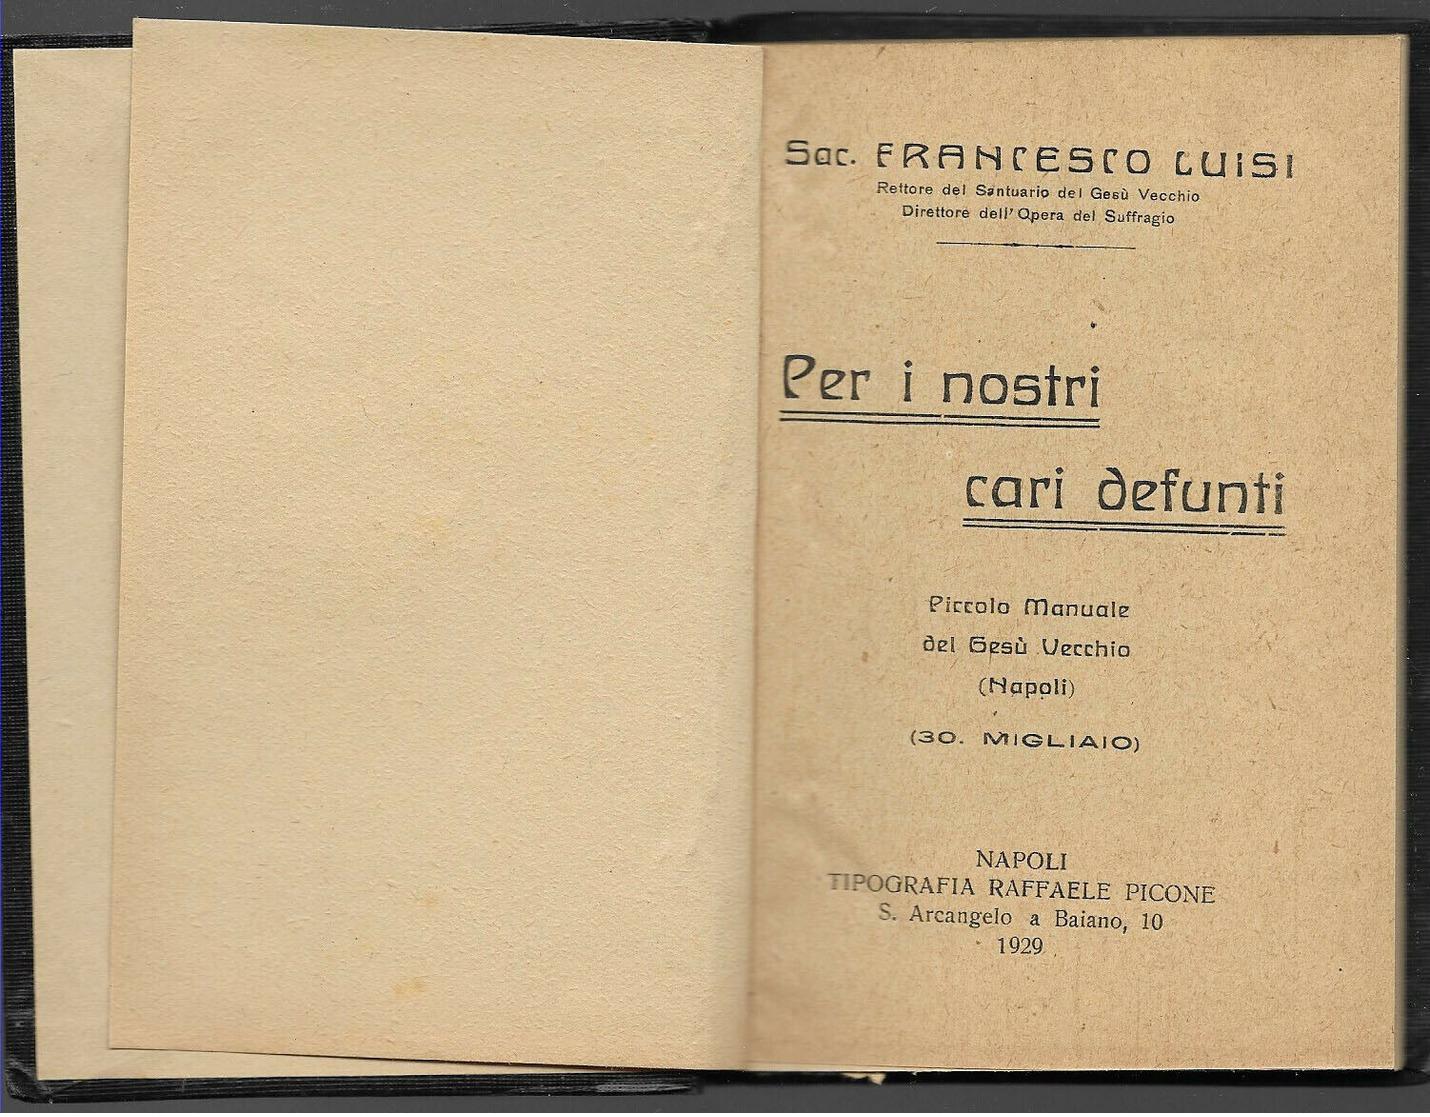 NAPOLI 1929 SAC. FRANCESCO LUISI PER I NOSTRI CARI DEFUNTI GESU' VECCHIO OTTIMO - Religion